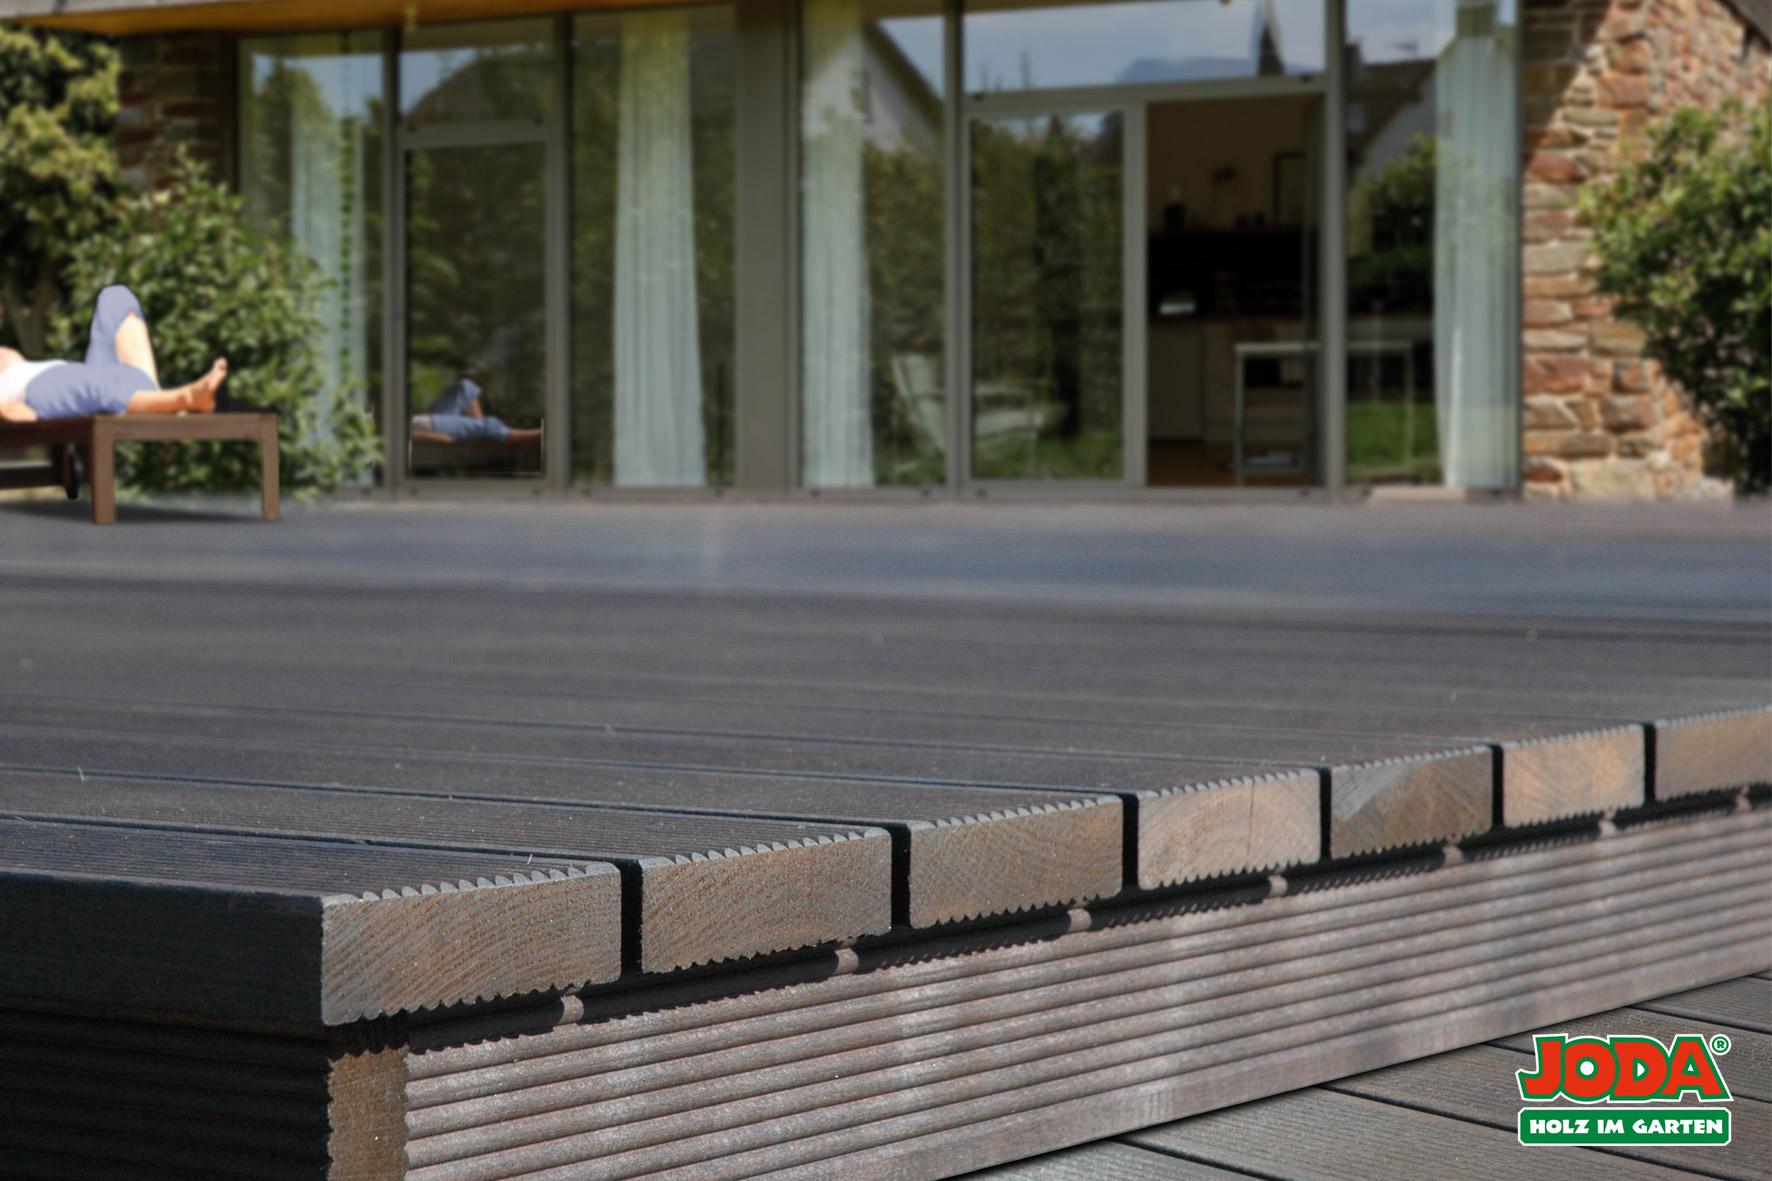 Komplett-Terrasse Thermo-Buche Fläche 3,00 x 3,05 m Dielenmaß 25 x 97 mm